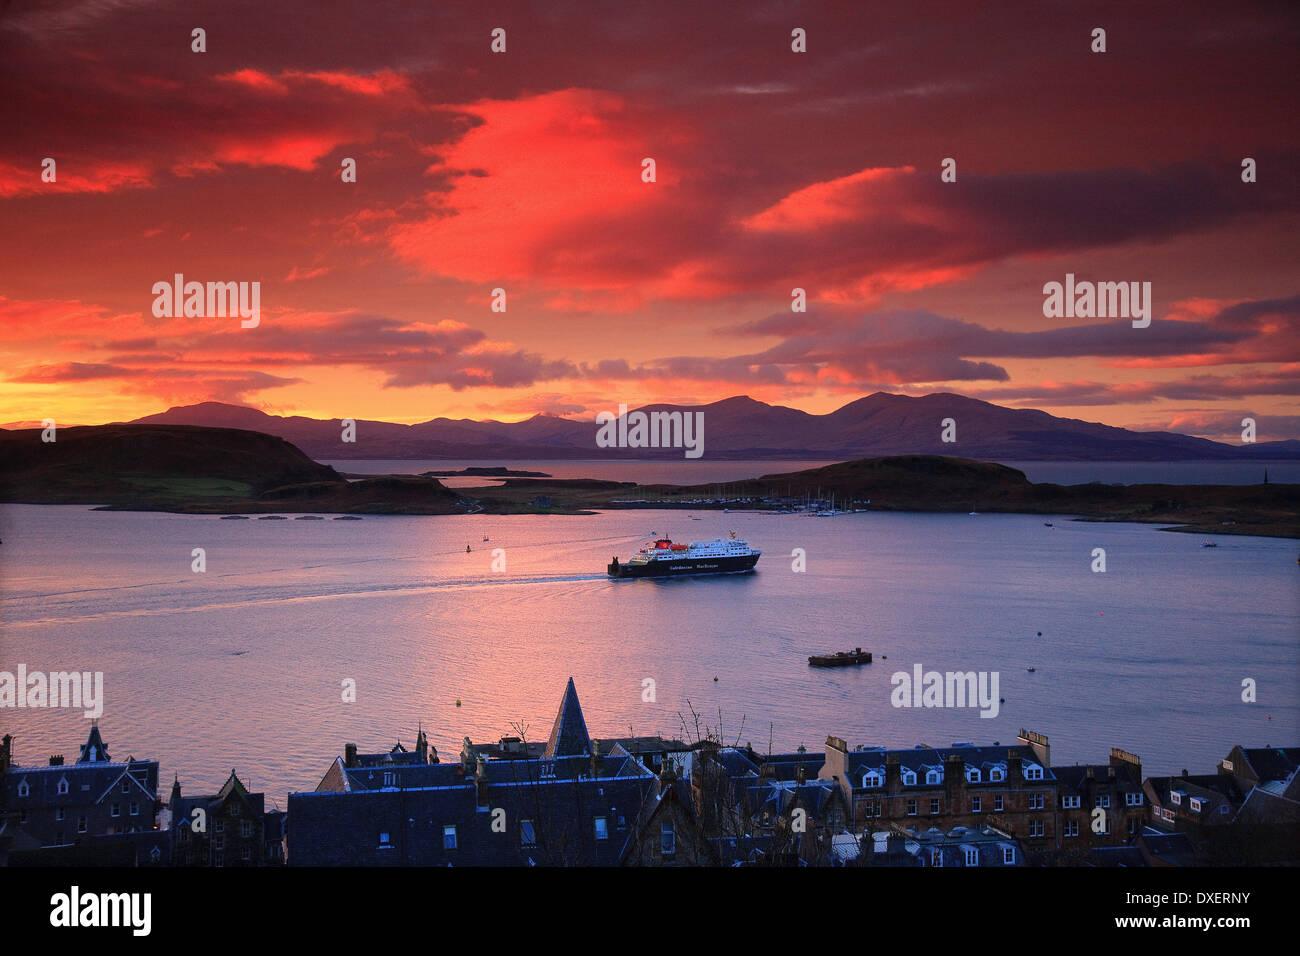 MV.Clansman departs Oban at Sunset, Argyll - Stock Image